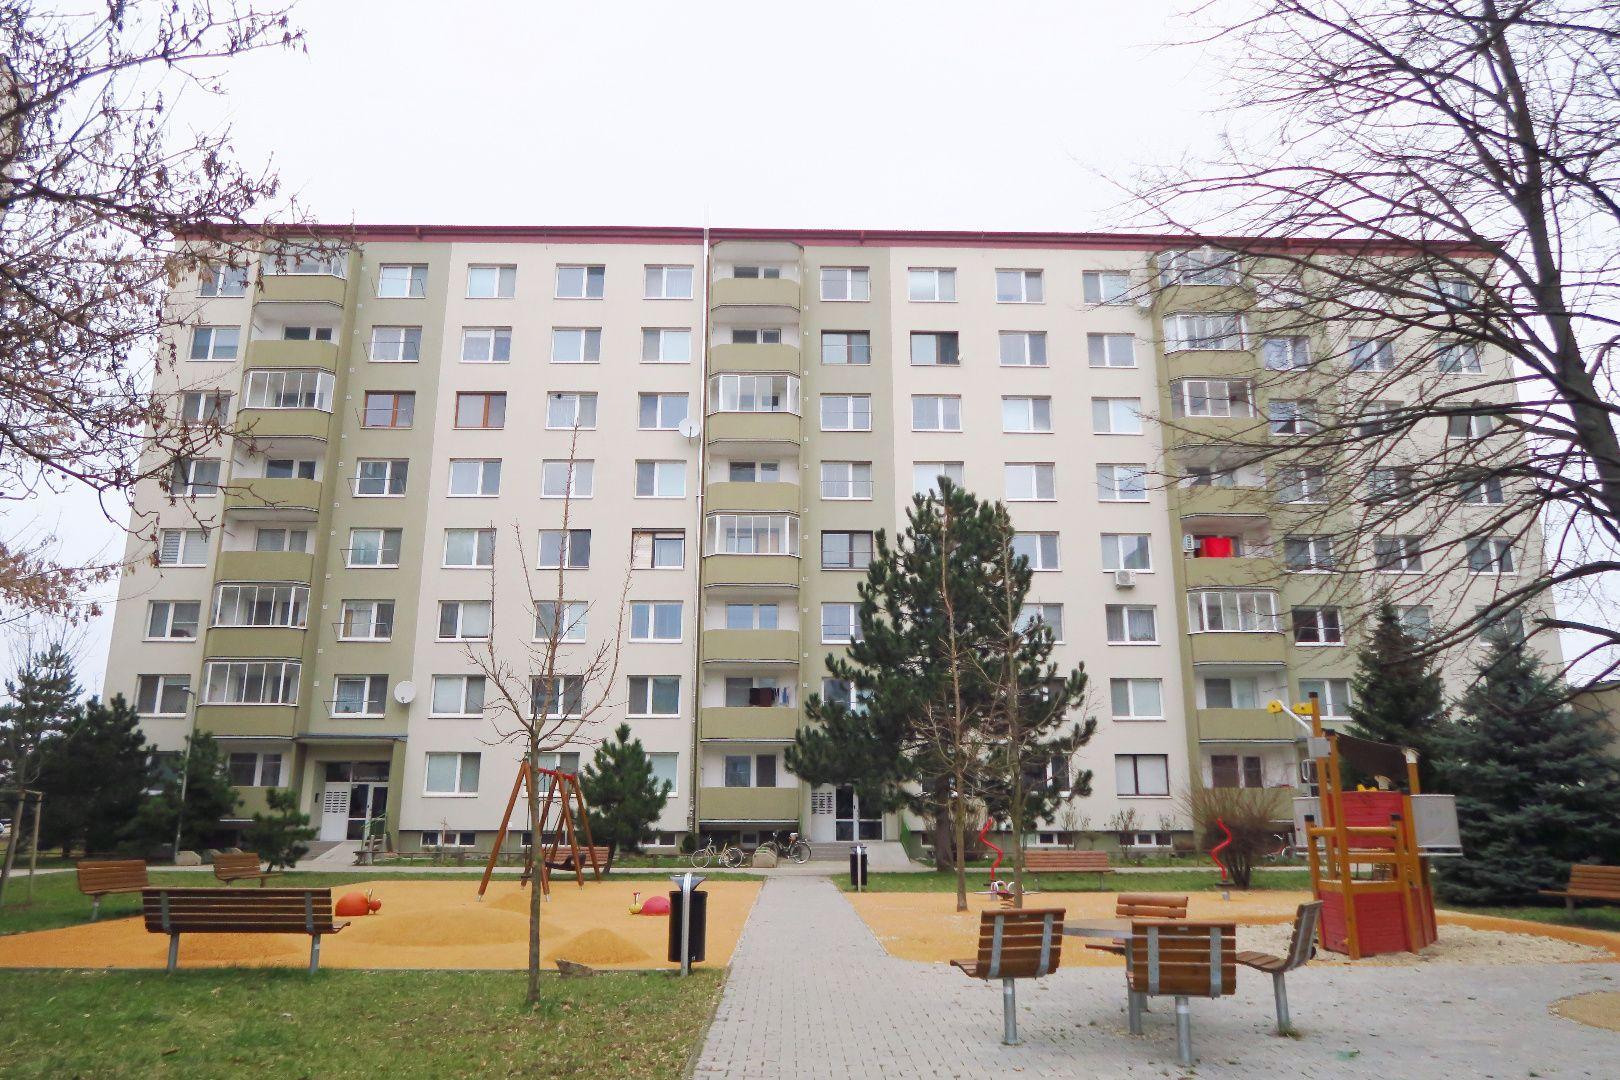 Hľadáme jedno, alebo dvojizbový byt v Senici. SÚRNE